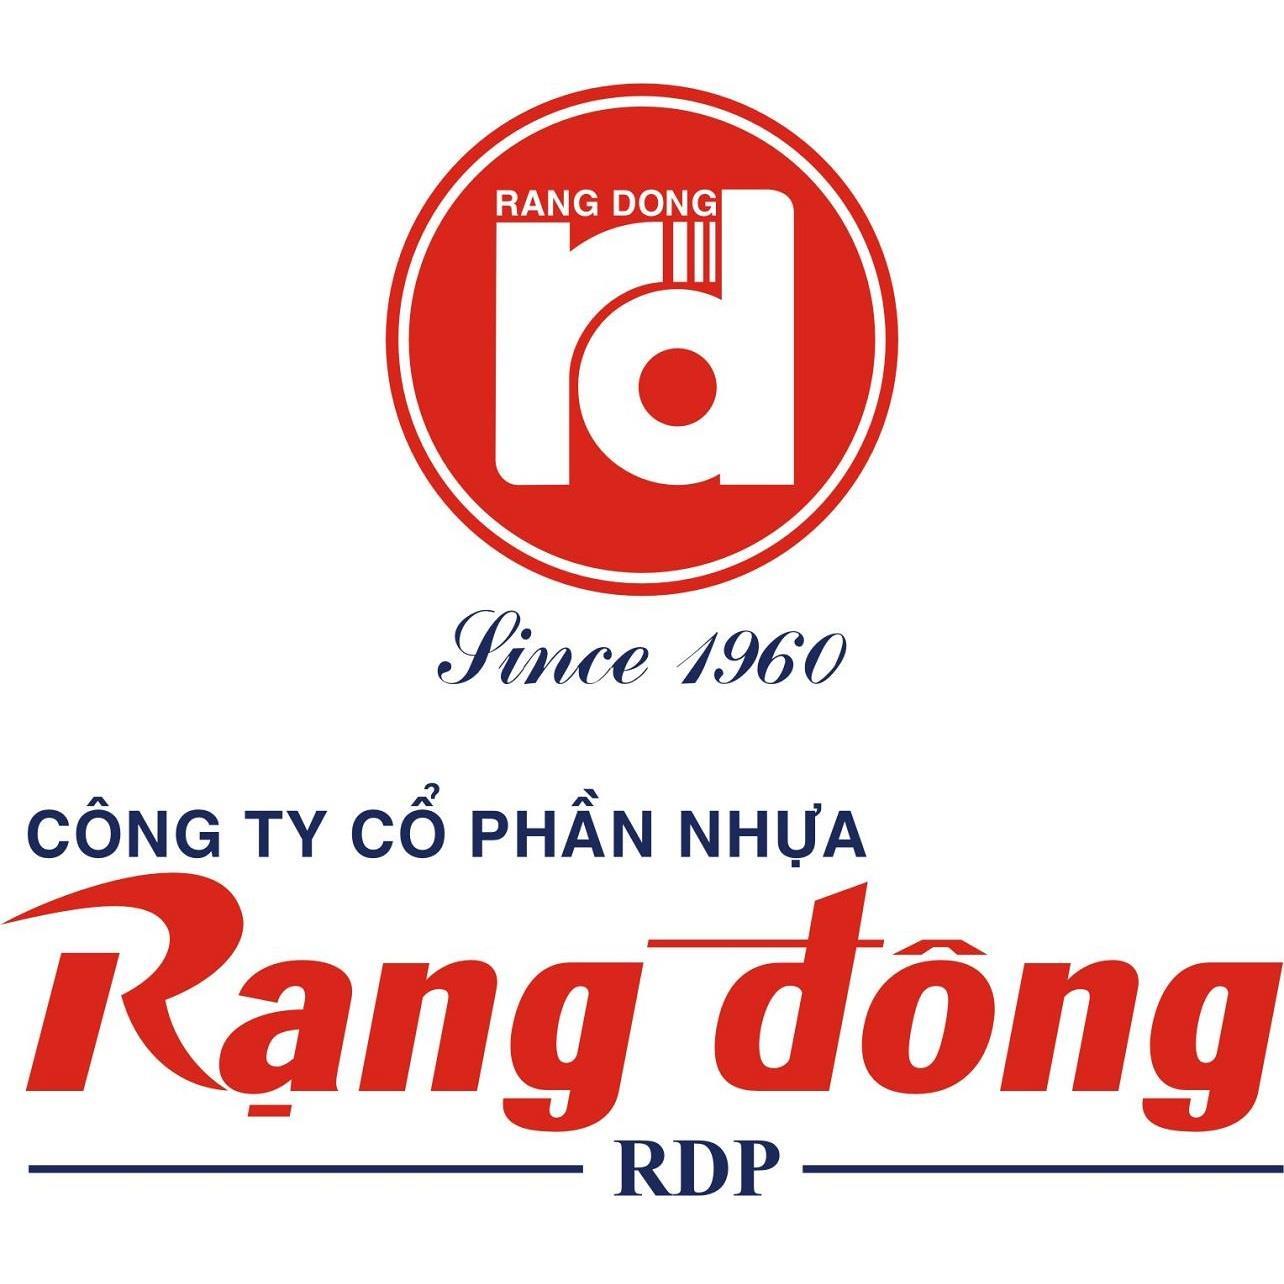 RDP: Nghị quyết HĐQT về việc tổ chức ĐHĐCĐ thường niên năm 2019